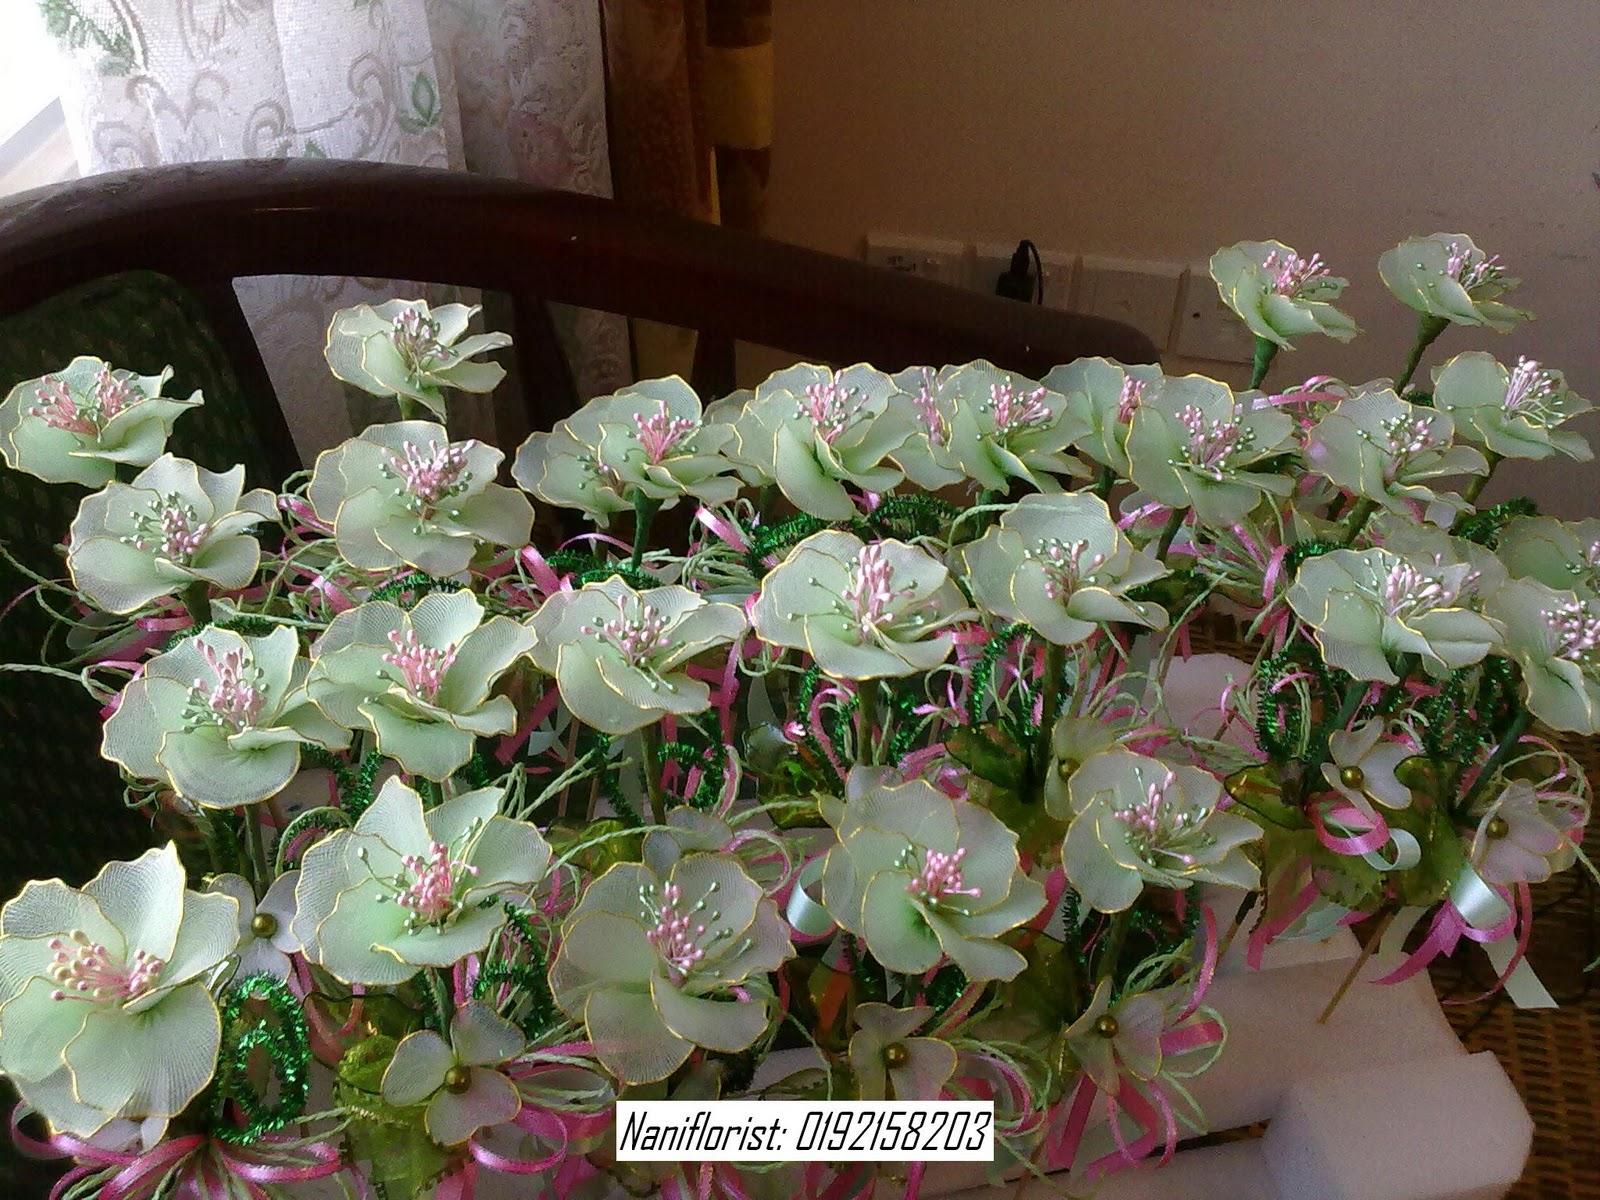 Nani Florist Bunga Pahar Stokin Hijau Apple